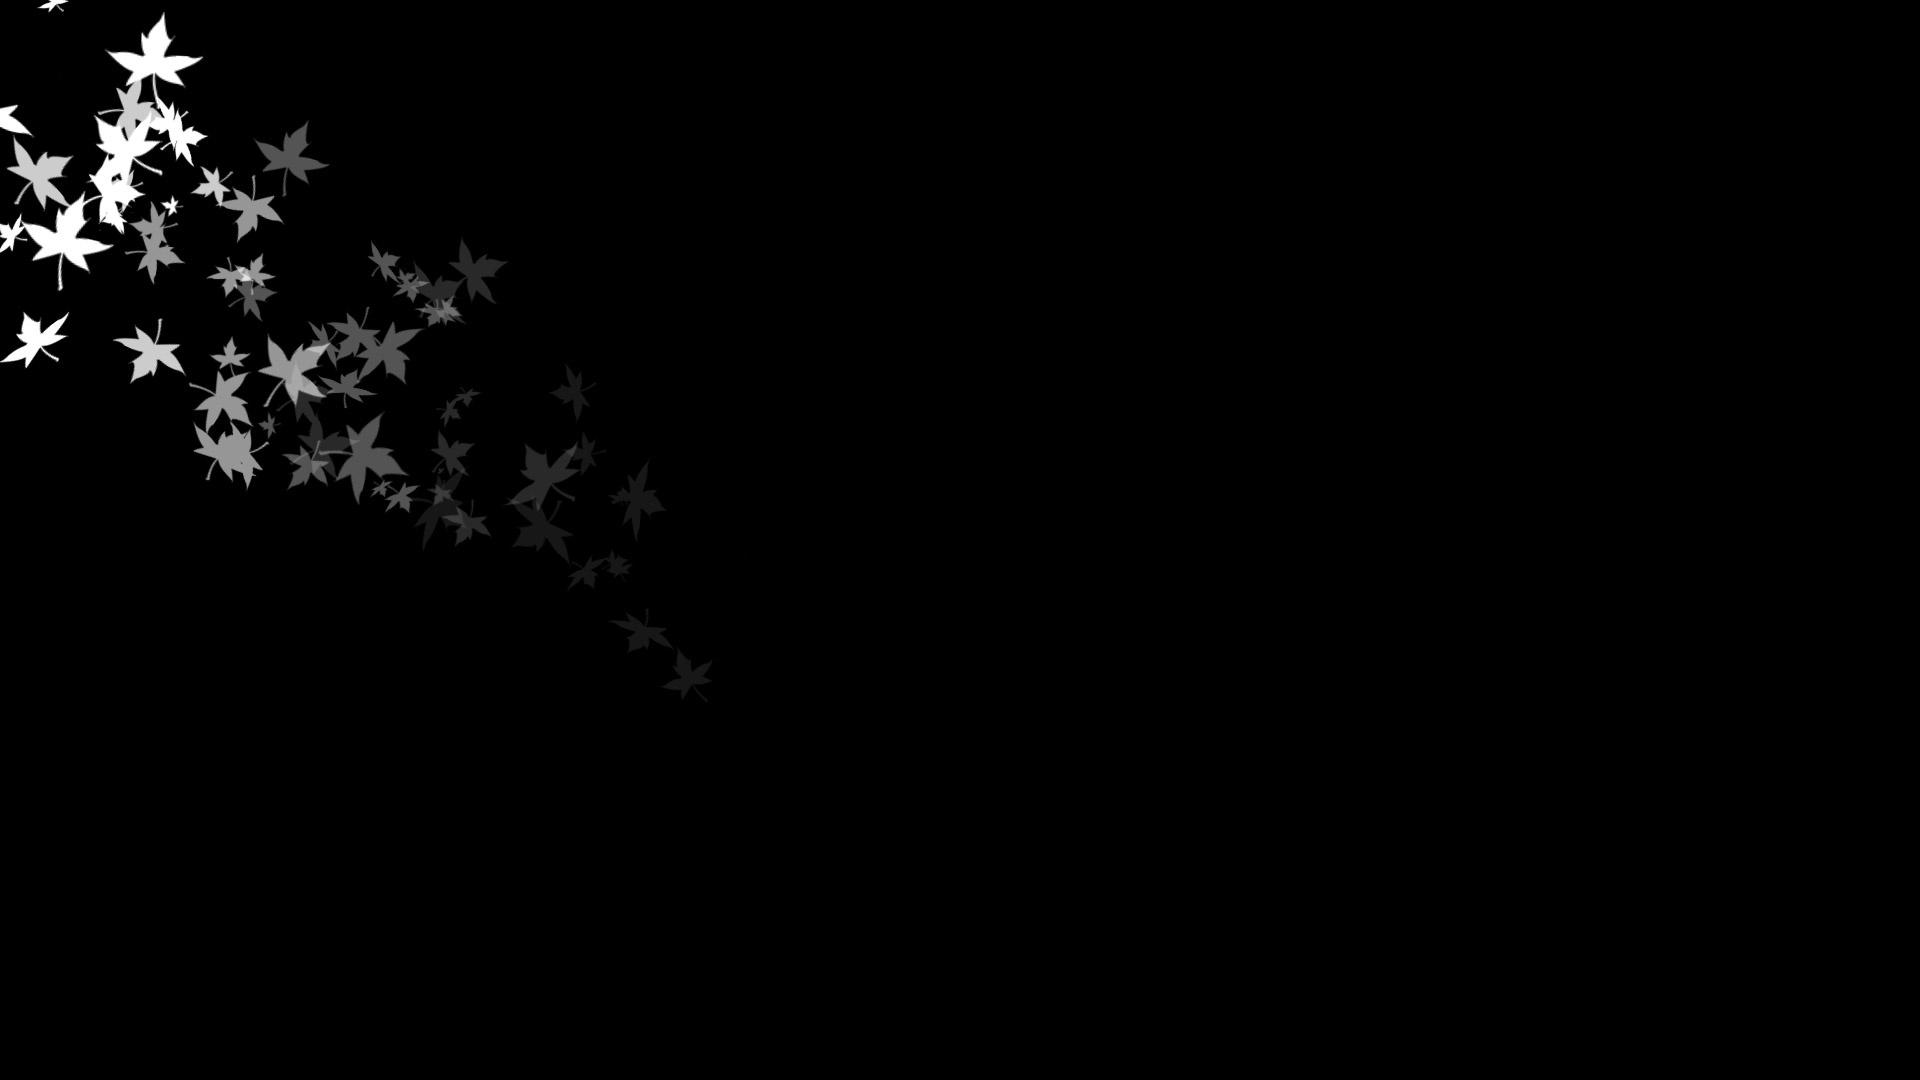 صورة صور لون اسود , غير الخلفية واجعلها مثل ظلام الليل وبة شعاع من النور 71 1